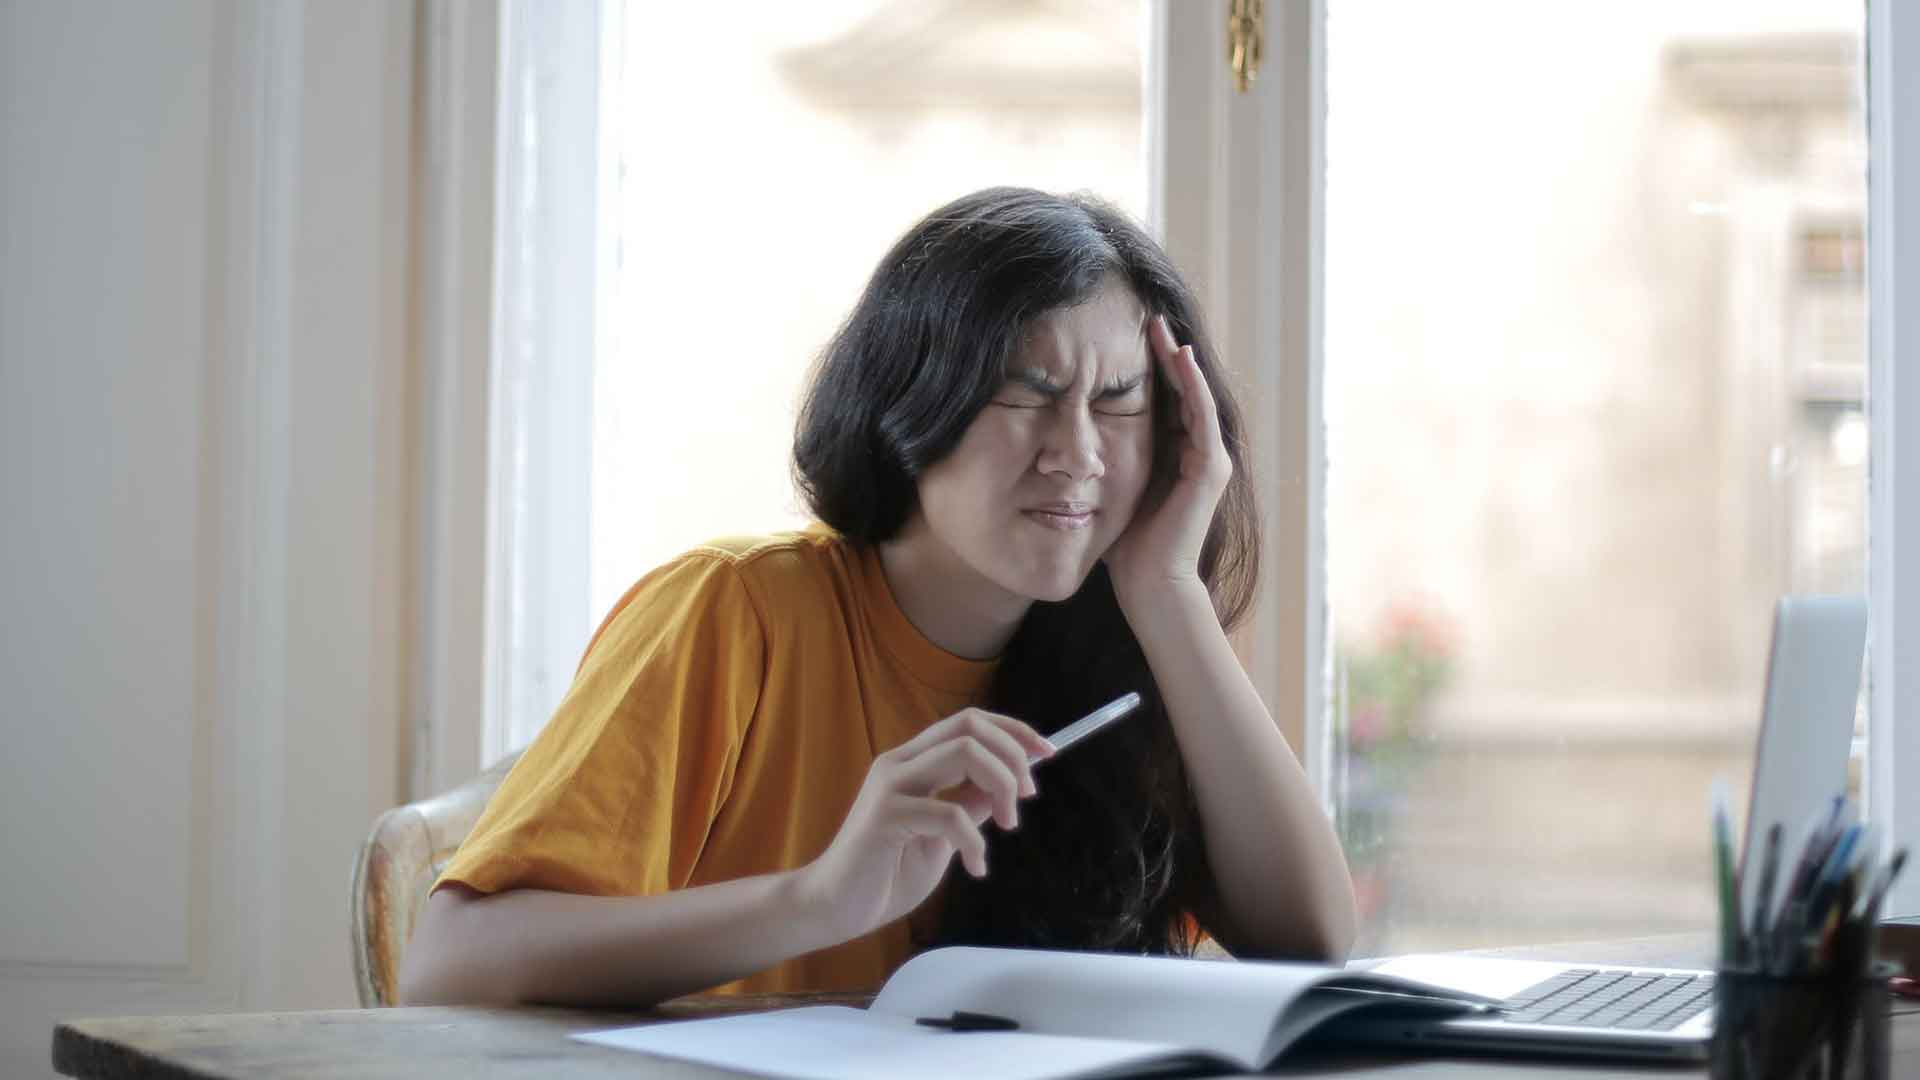 Lernblockaden können kräfteraubend sein um sich auf Prüfungen vorzubereiten